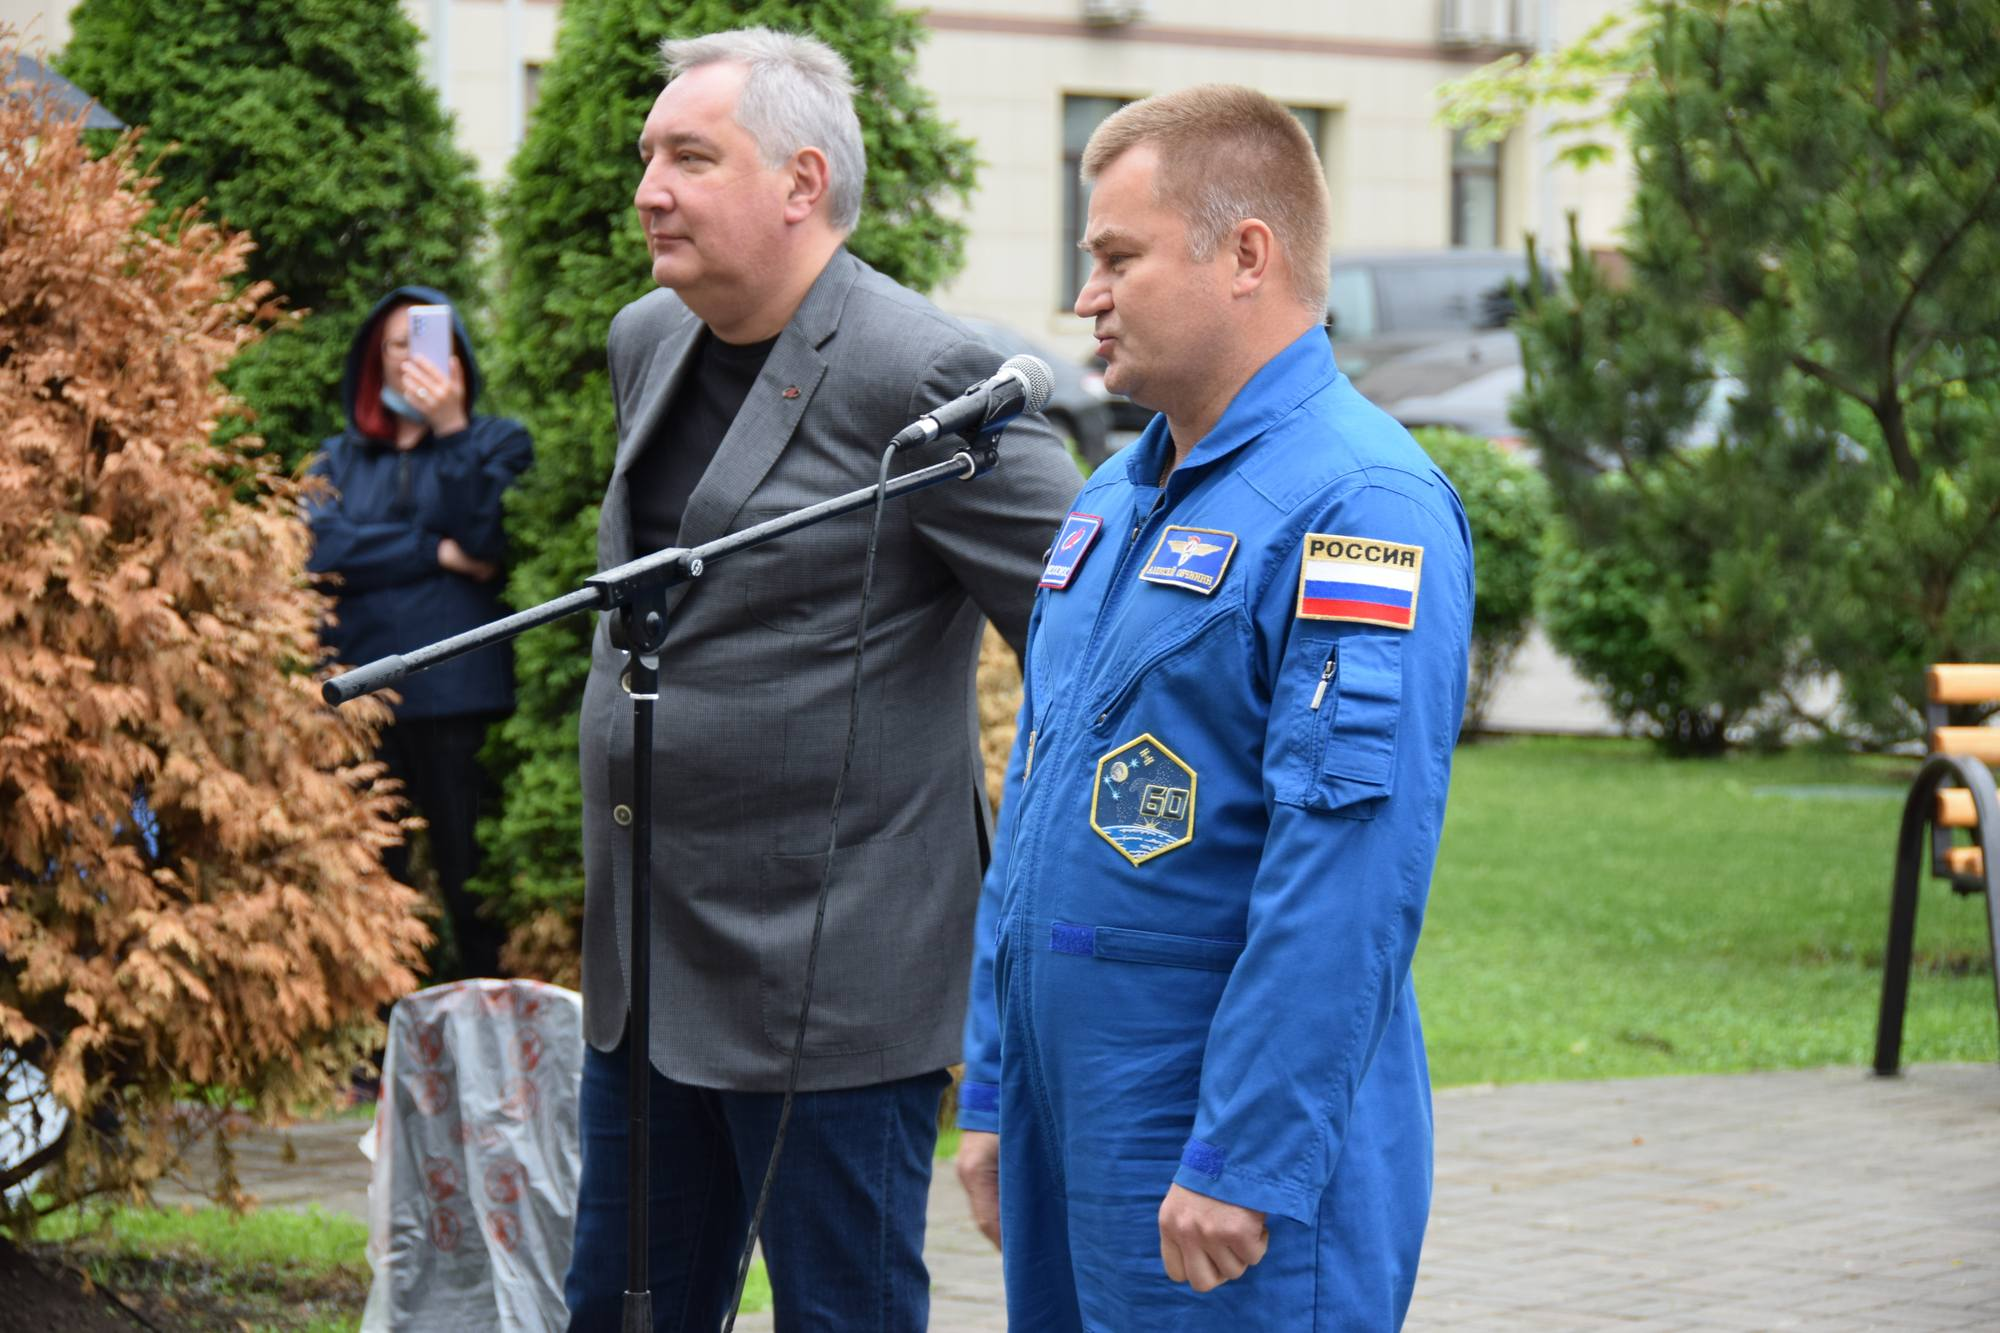 Alexeï Ovchinine, cosmonaute en activité, était aussi de la rencontre.